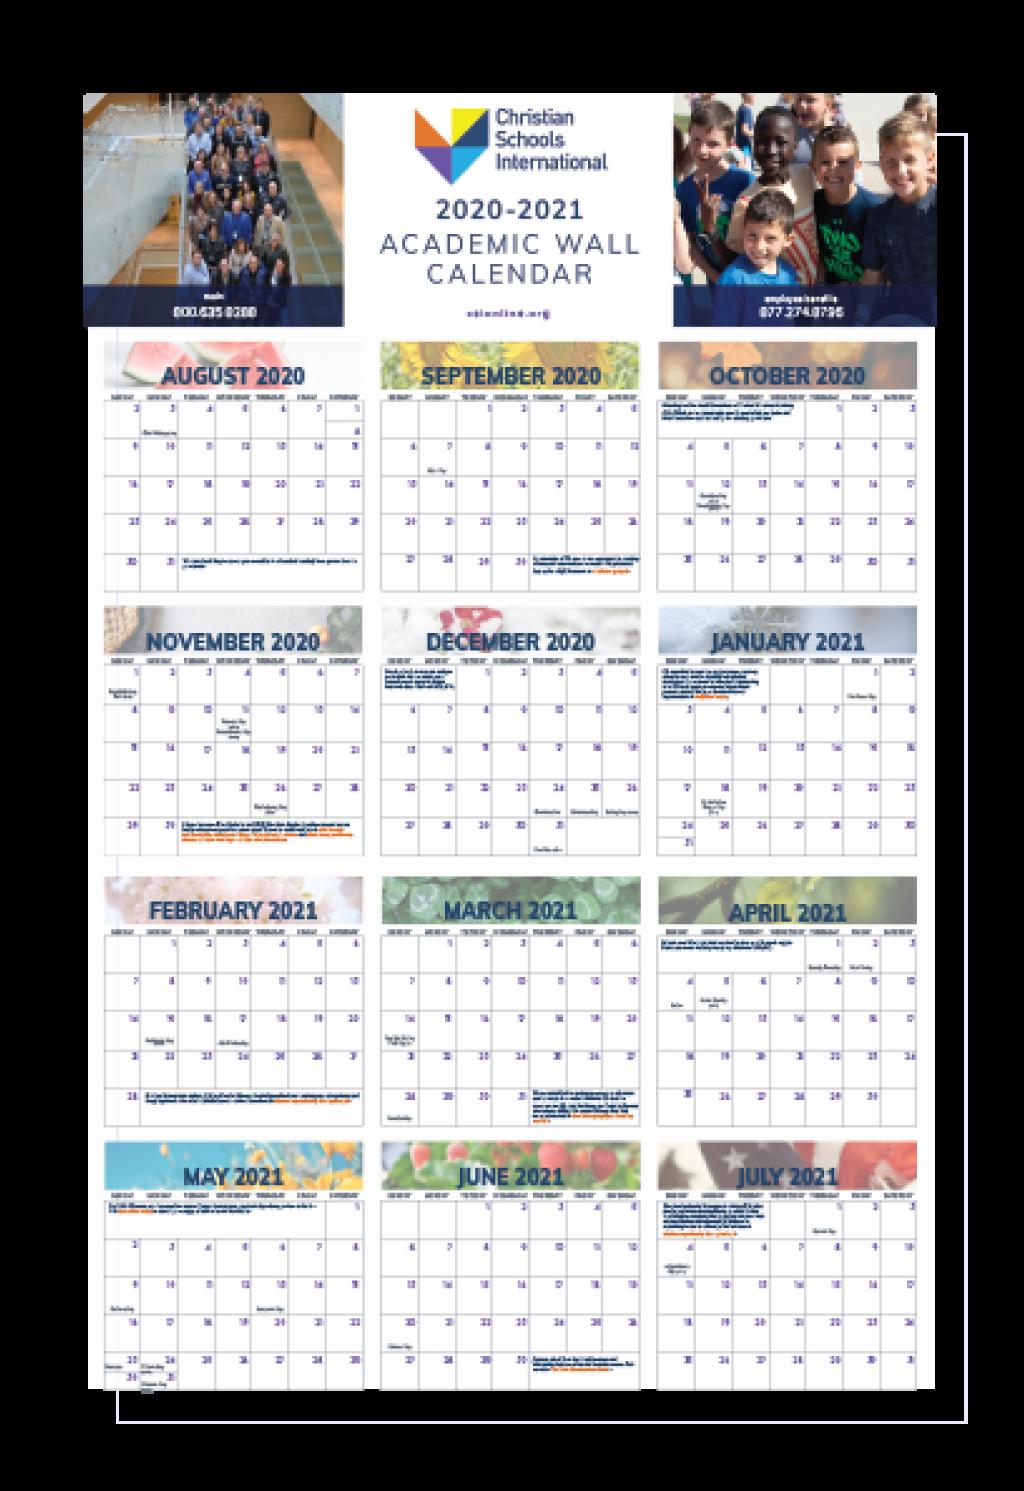 Yearly Wall Calendar 2021 2020 2021 School Year Wall Calendar   Store Christian Schools